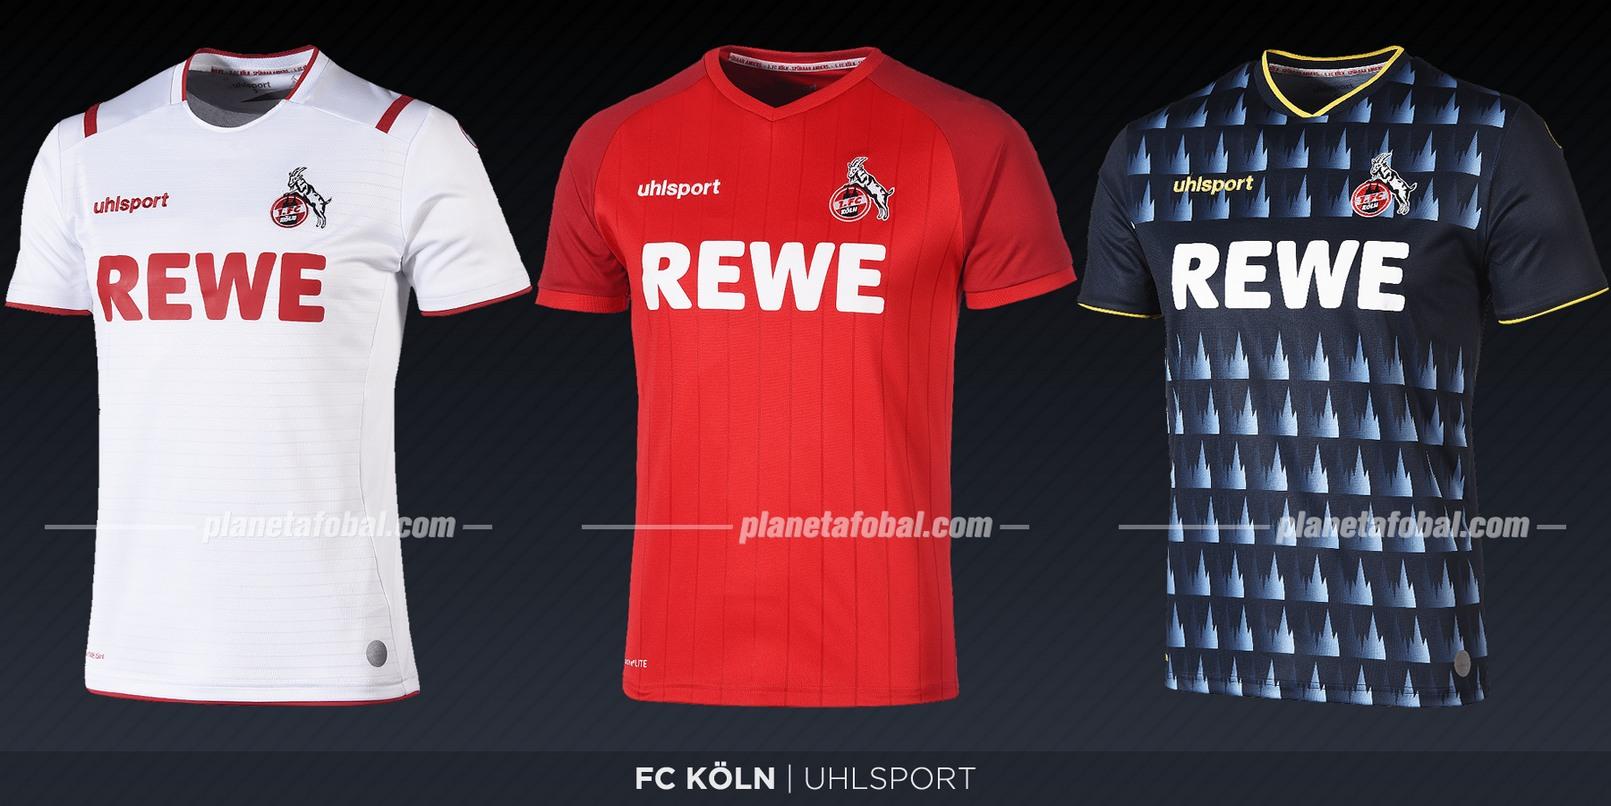 FC Köln (uhlsport) | Camisetas de la Bundesliga 2019-2020